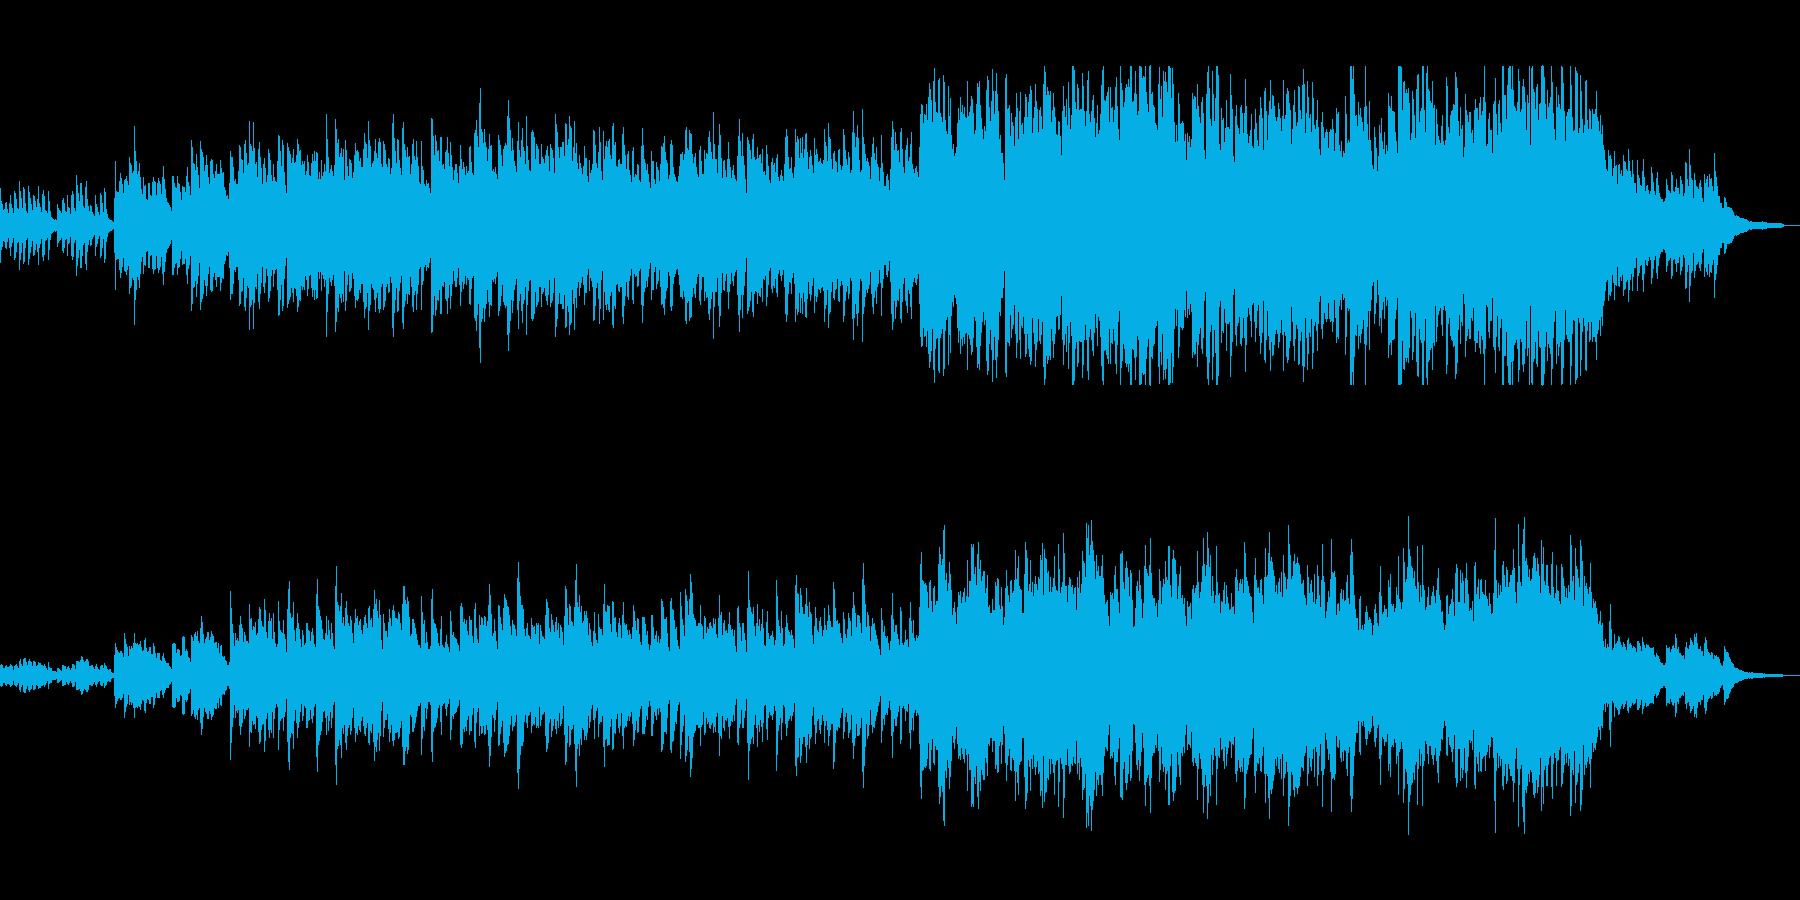 ピアノとオーケストラのサウンドトラックの再生済みの波形